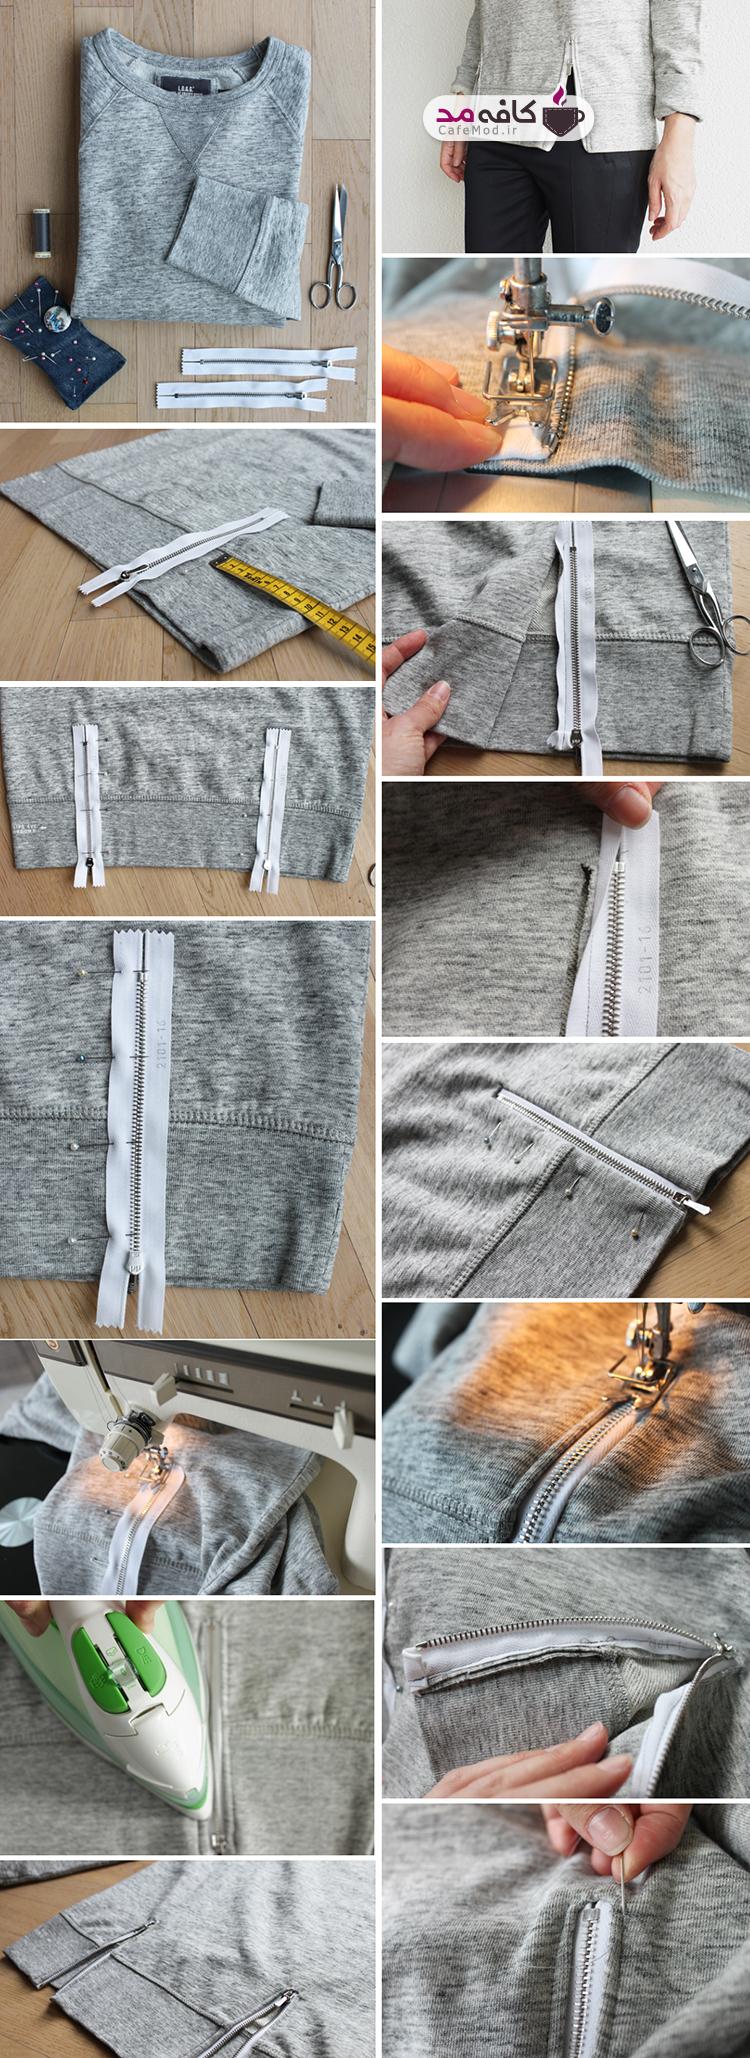 آموزش زیپ دار کردن لباس ساده